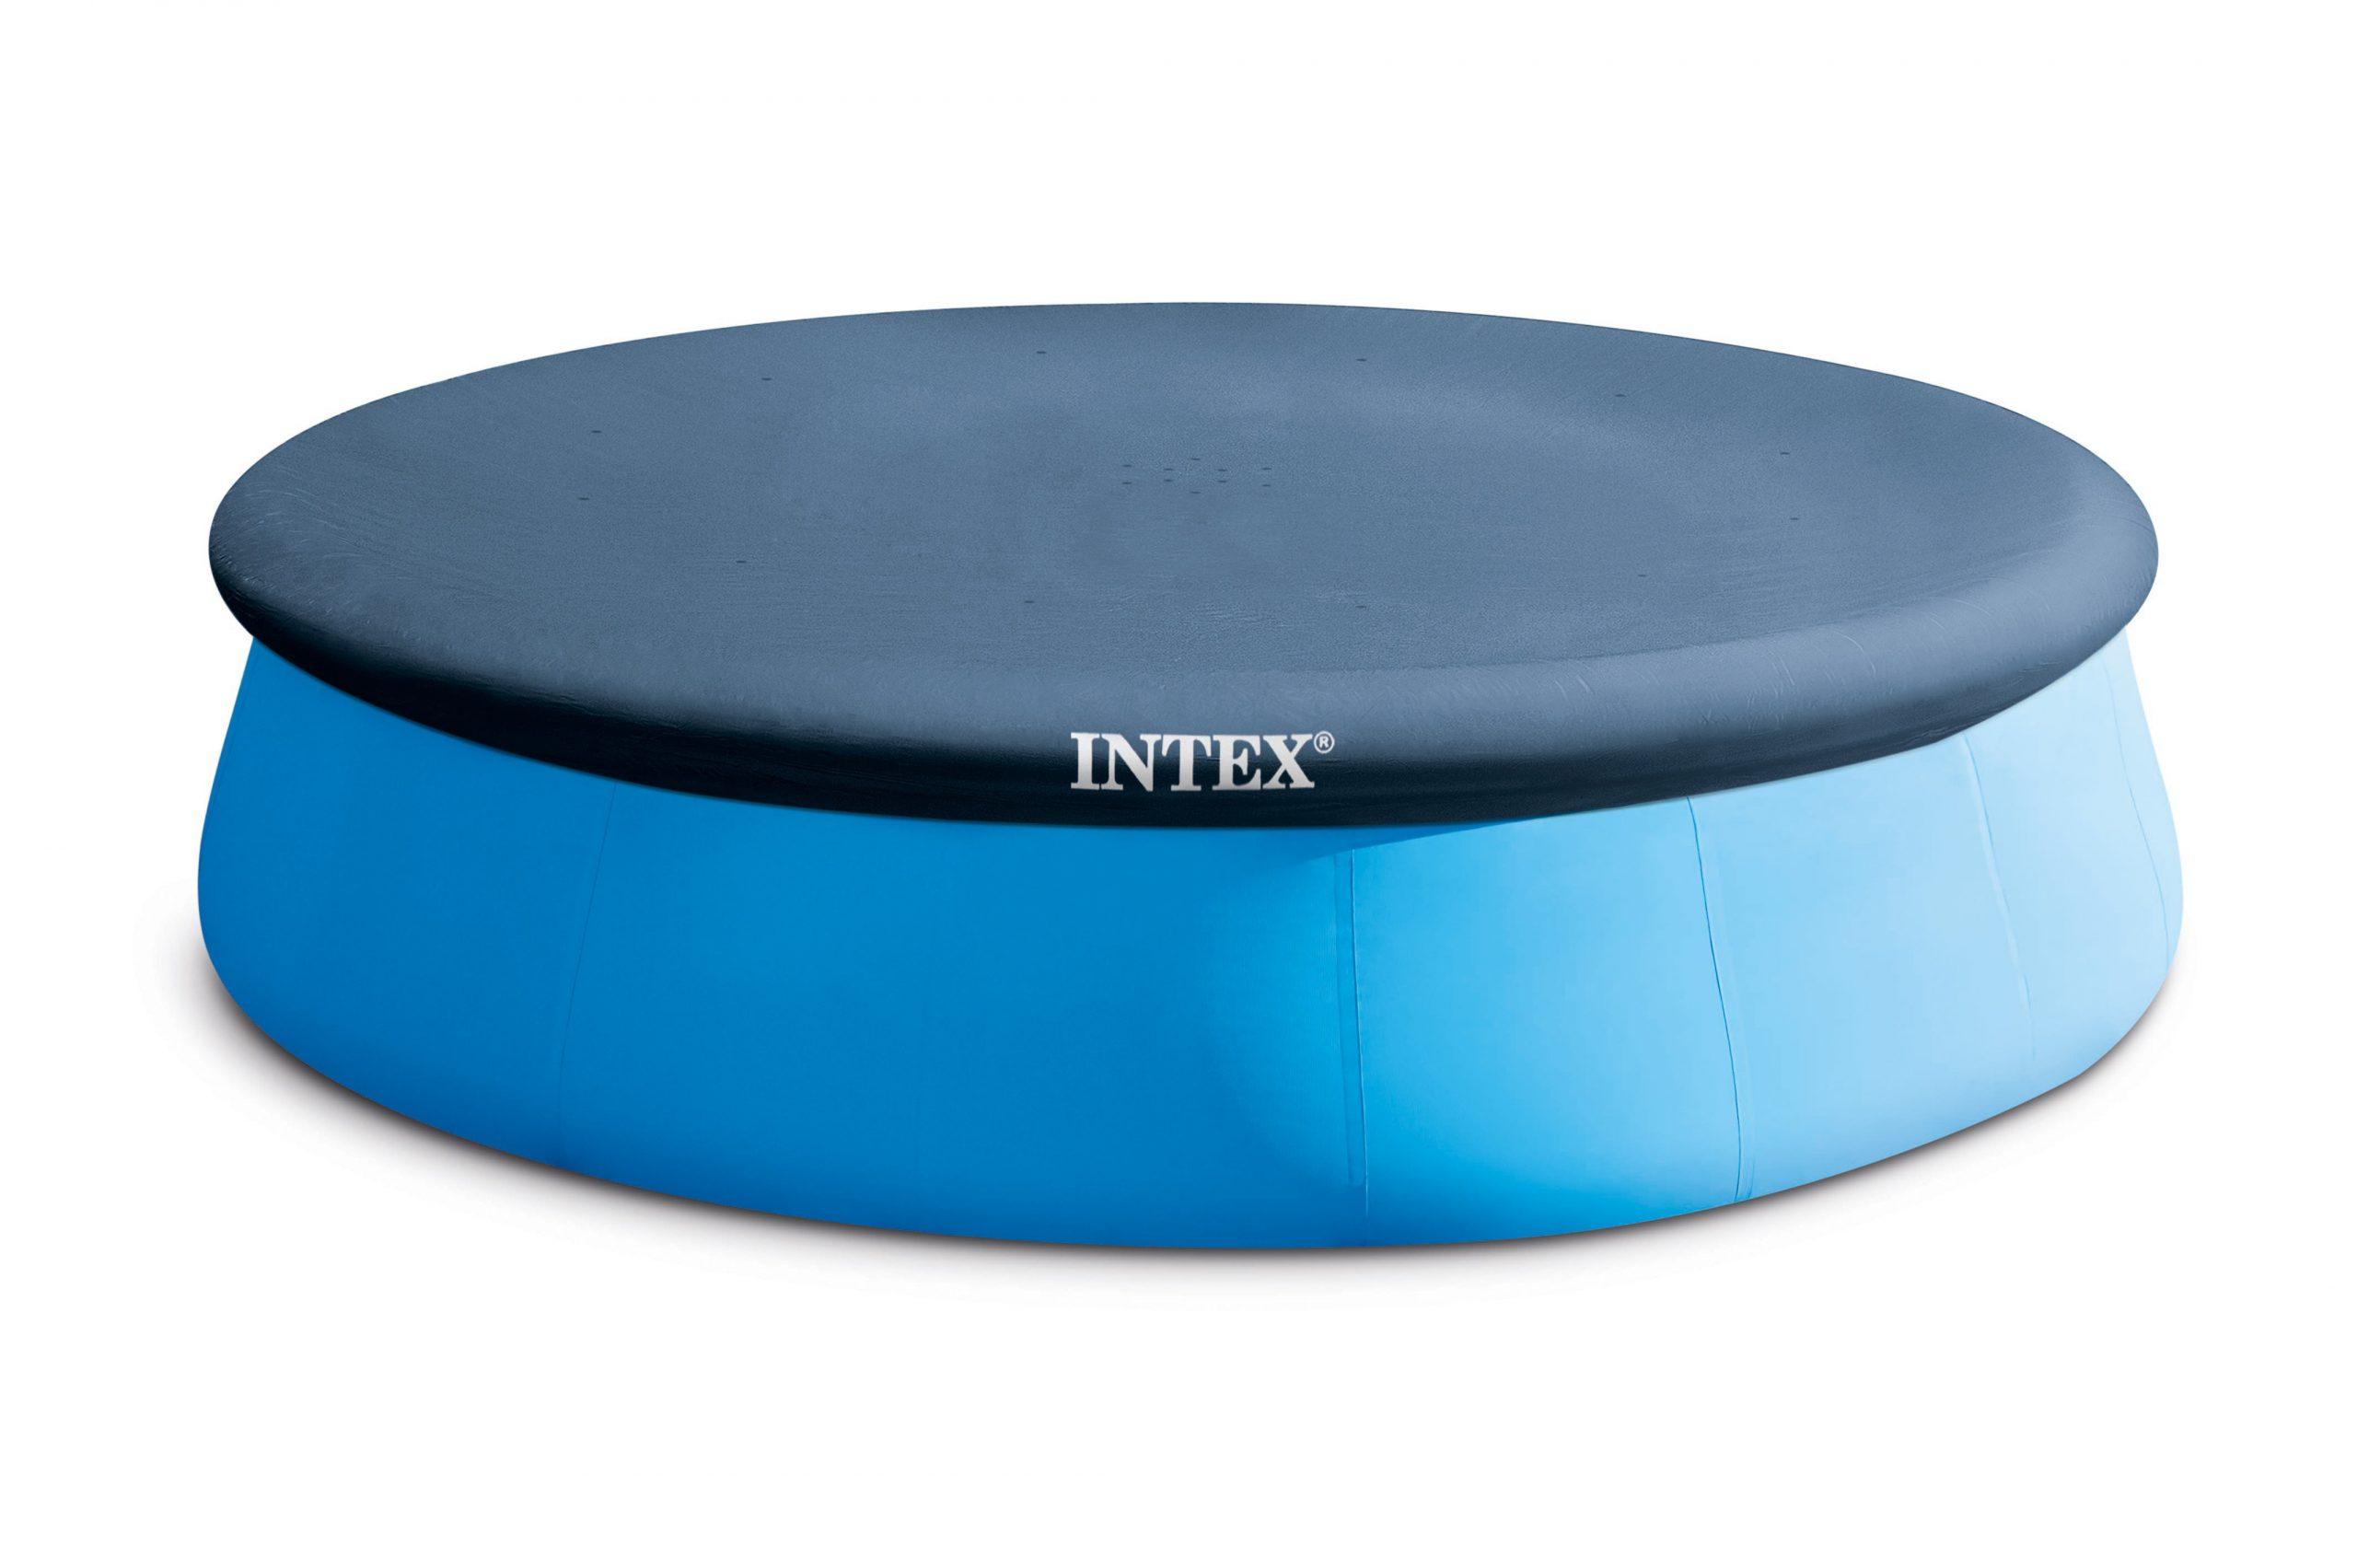 Bâche Hiver Intex Pour Piscine Autoportante Diam 3,96 M, Diam. 3.96 Cm dedans Bache Piscine Intex 3.66